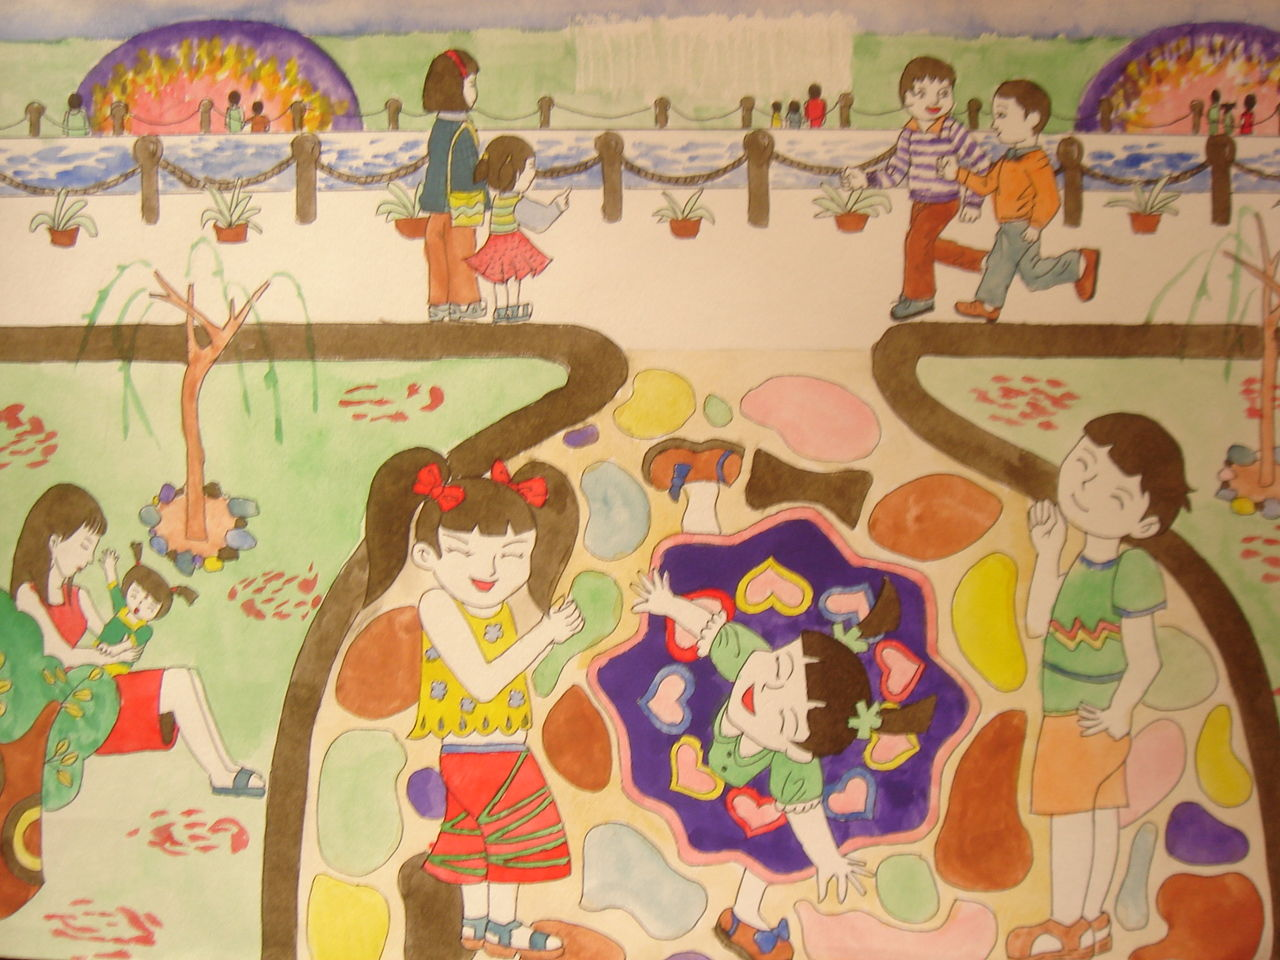 帮忙想几个儿童画题目 有诗意点的,急用图片